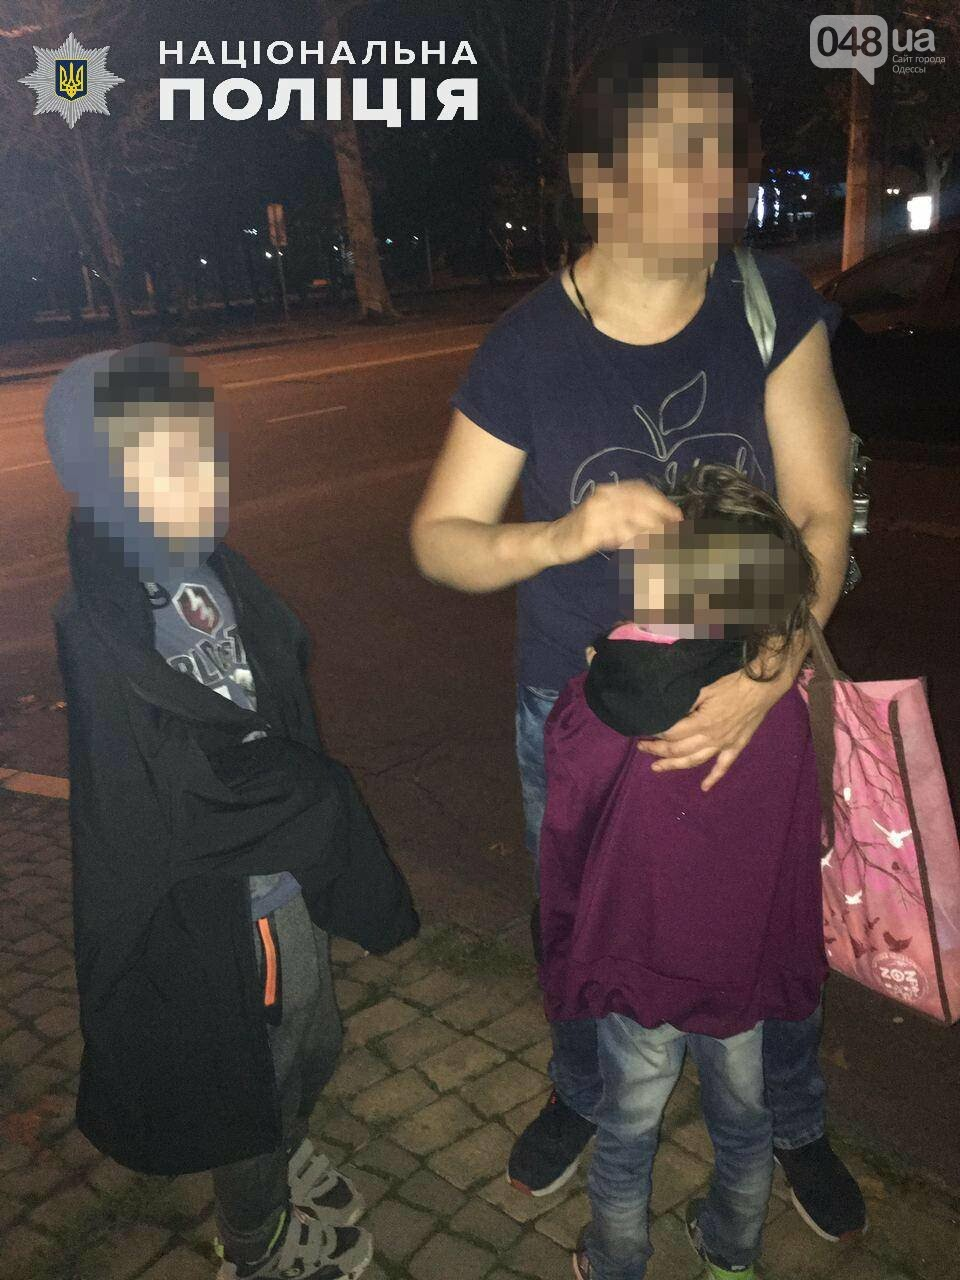 Полиция задержала одессита, который угрожал подорвать себя и детей, - ФОТО2